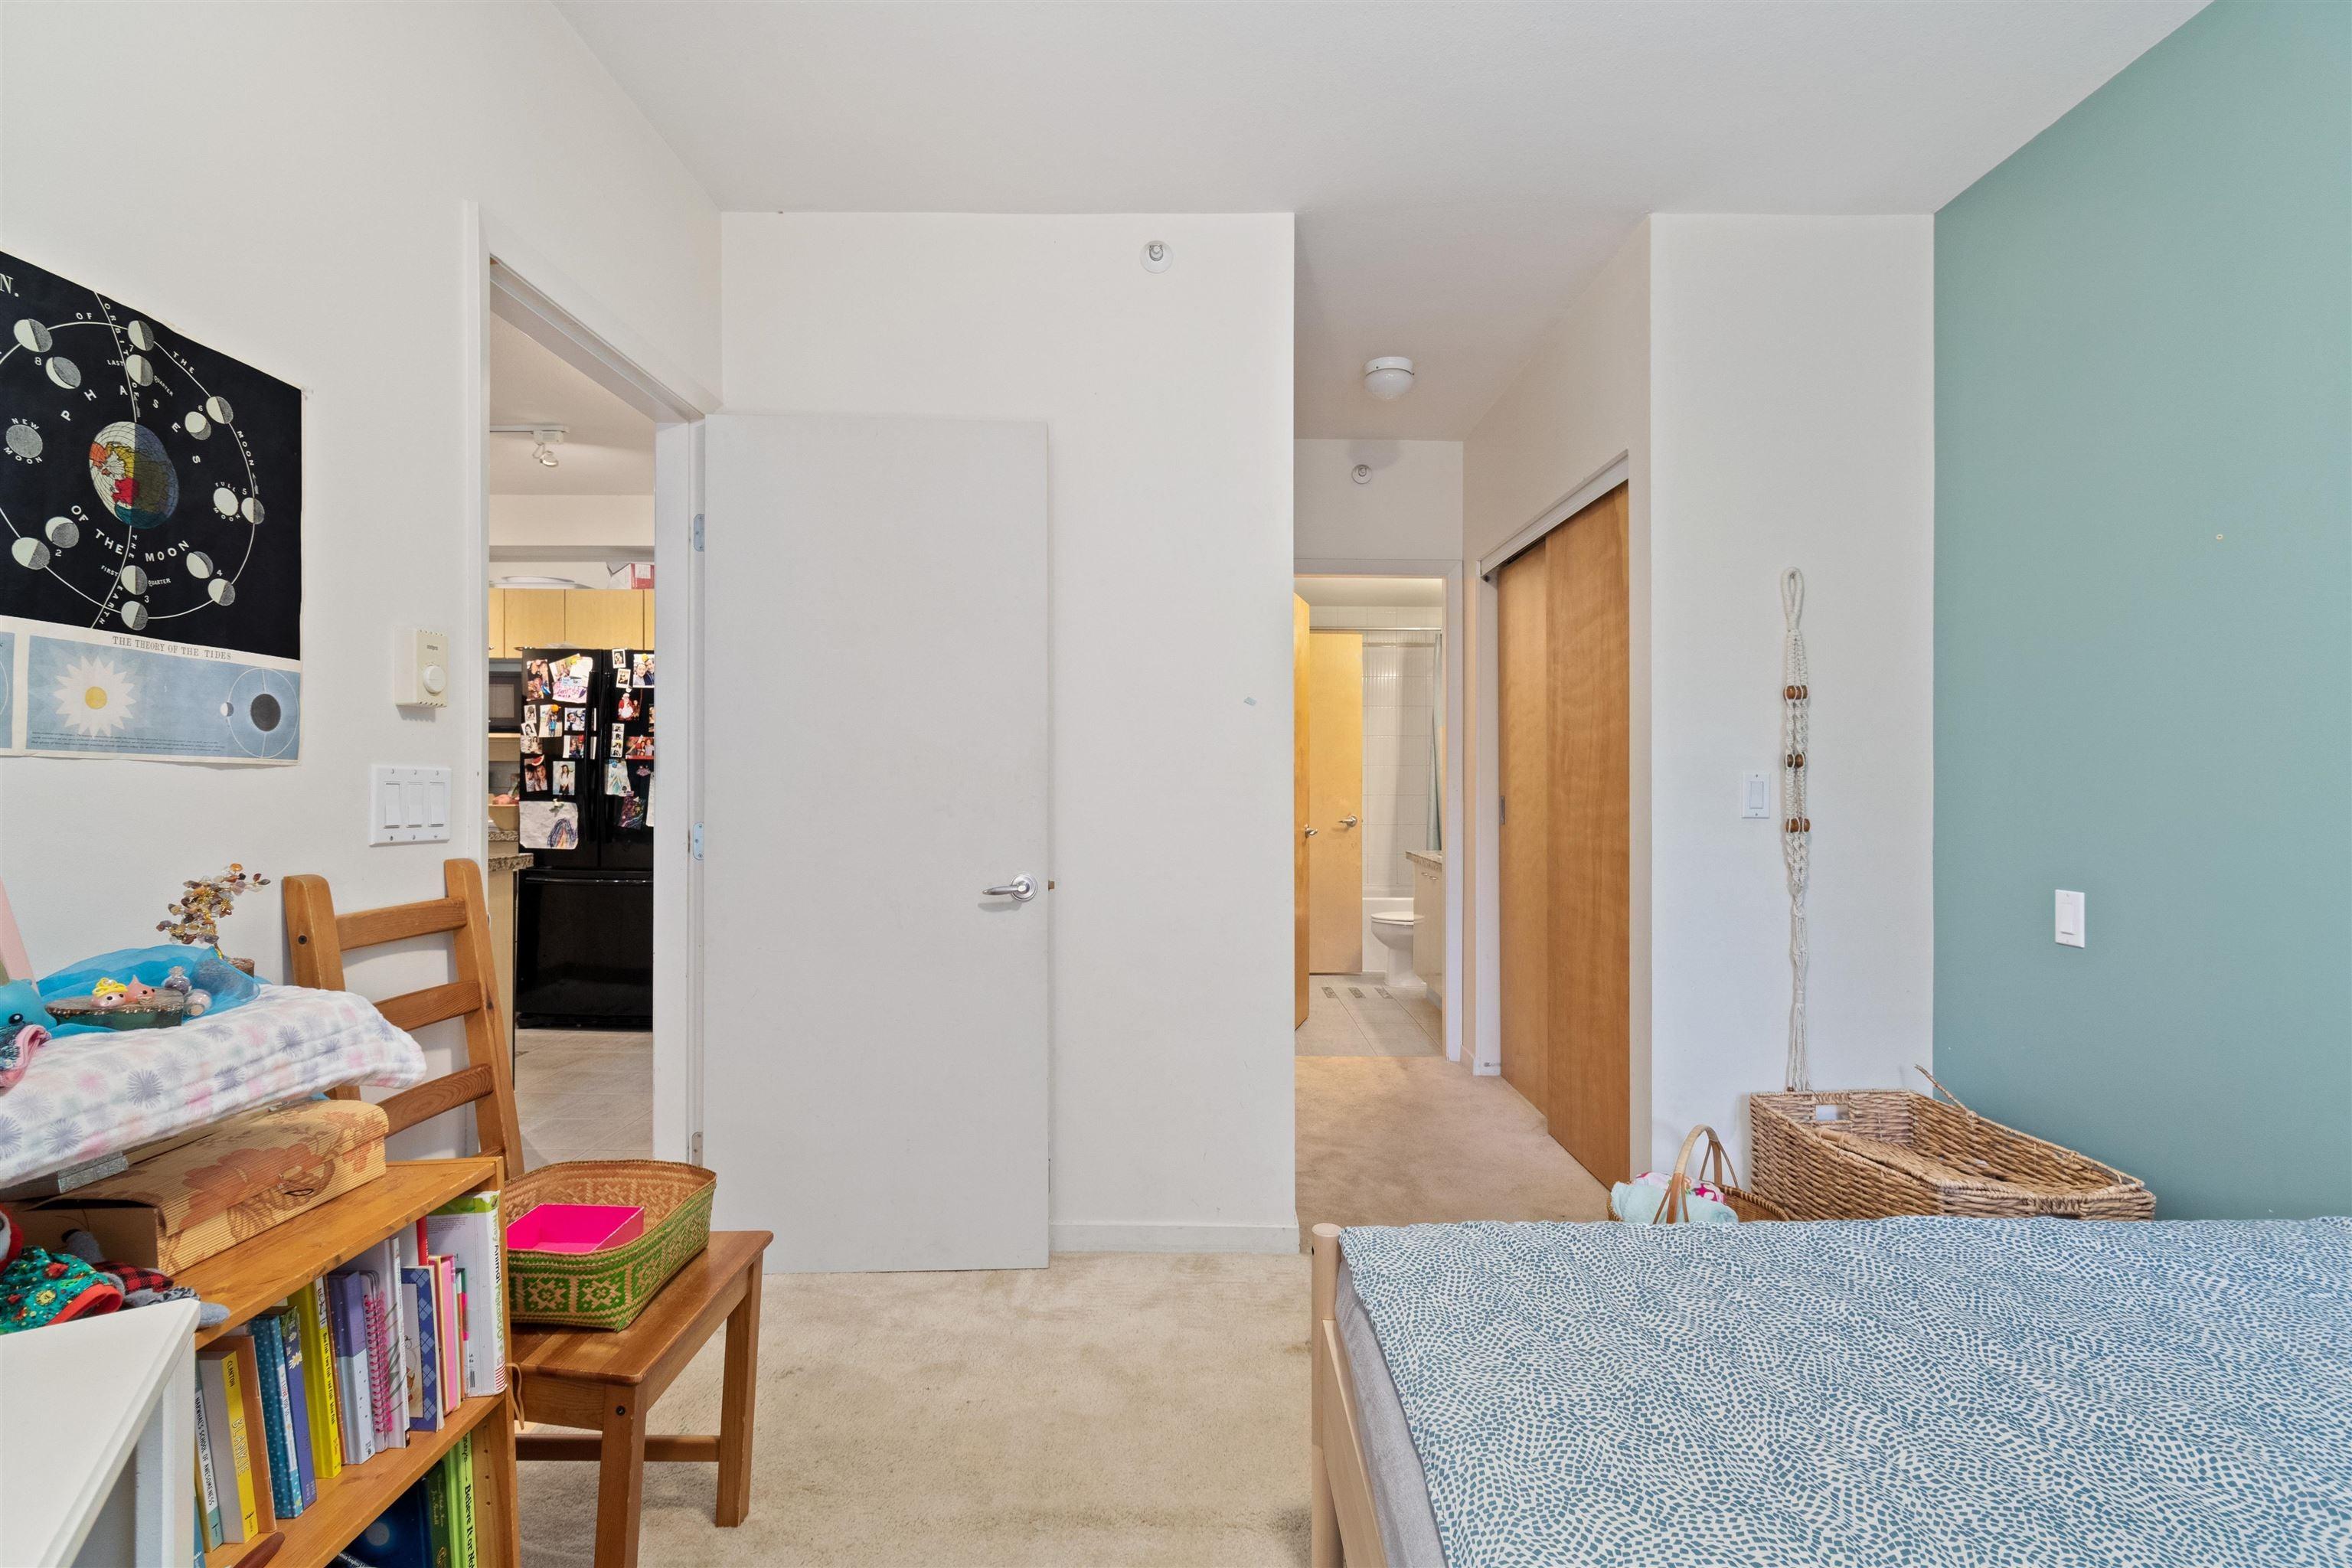 209 2228 MARSTRAND AVENUE - Kitsilano Apartment/Condo for sale, 1 Bedroom (R2617246) - #12